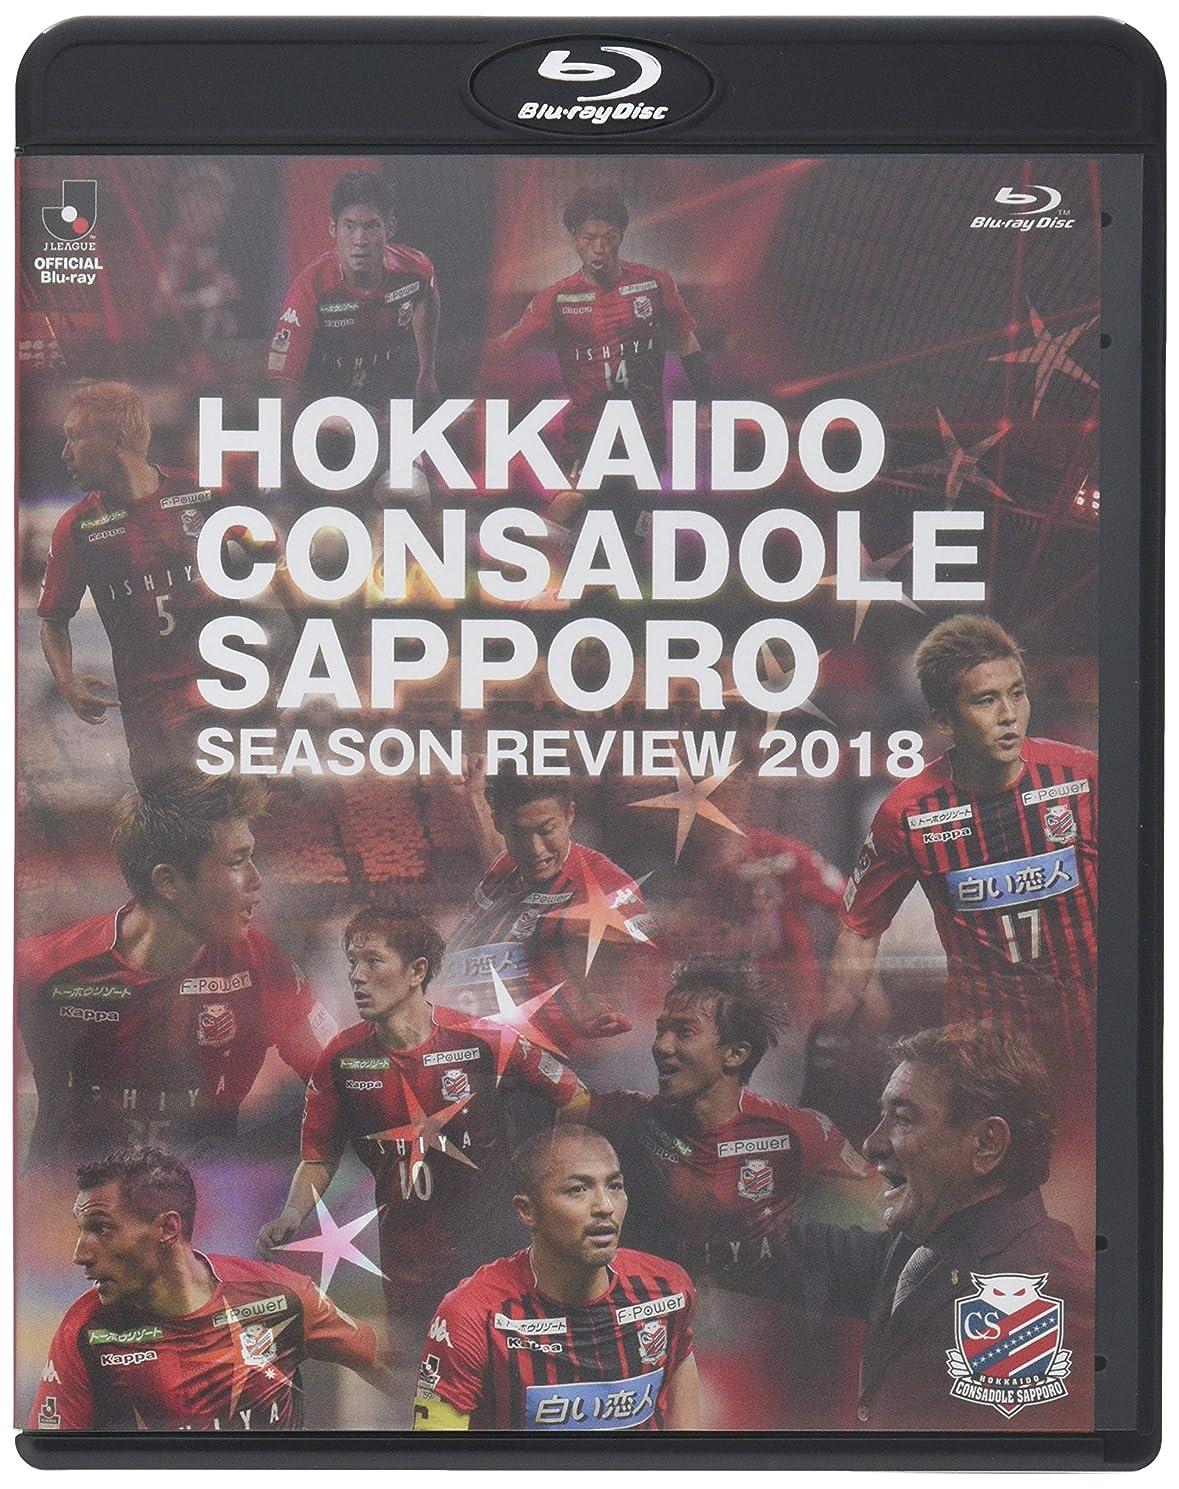 スティーブンソンかんたん原始的な北海道コンサドーレ札幌シーズンレビュー2018 [Blu-ray]